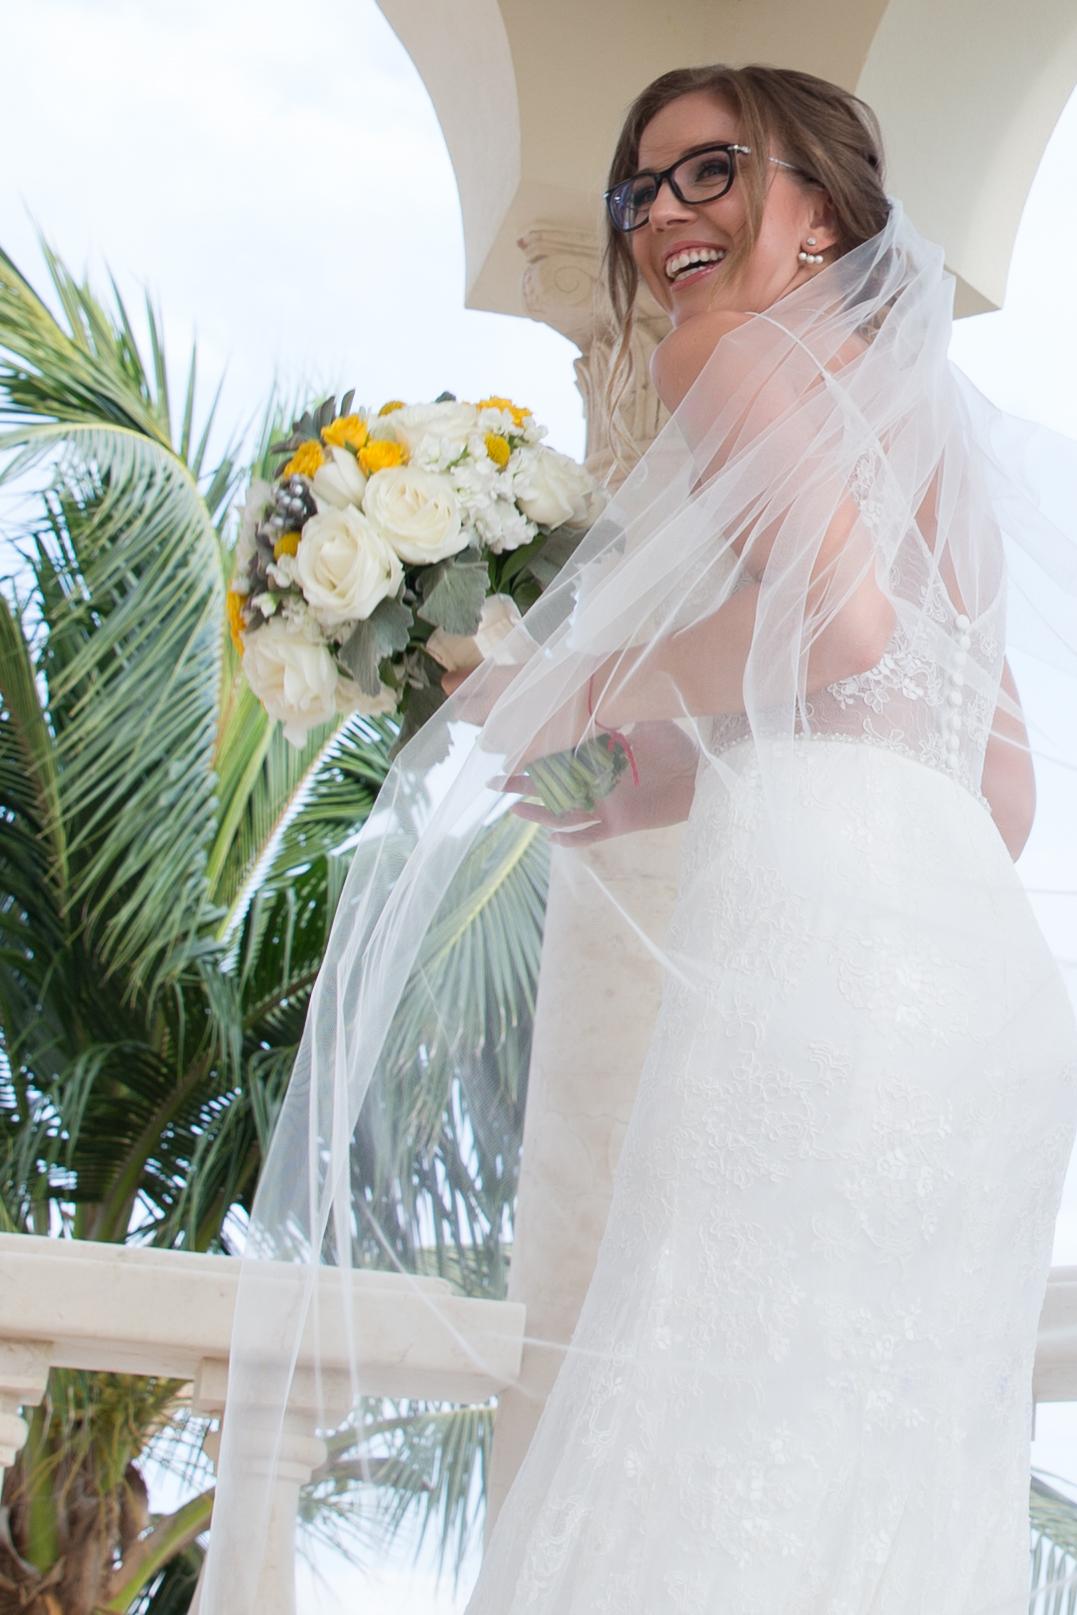 destination-wedding-venue-villa-la-joya-09.jpg